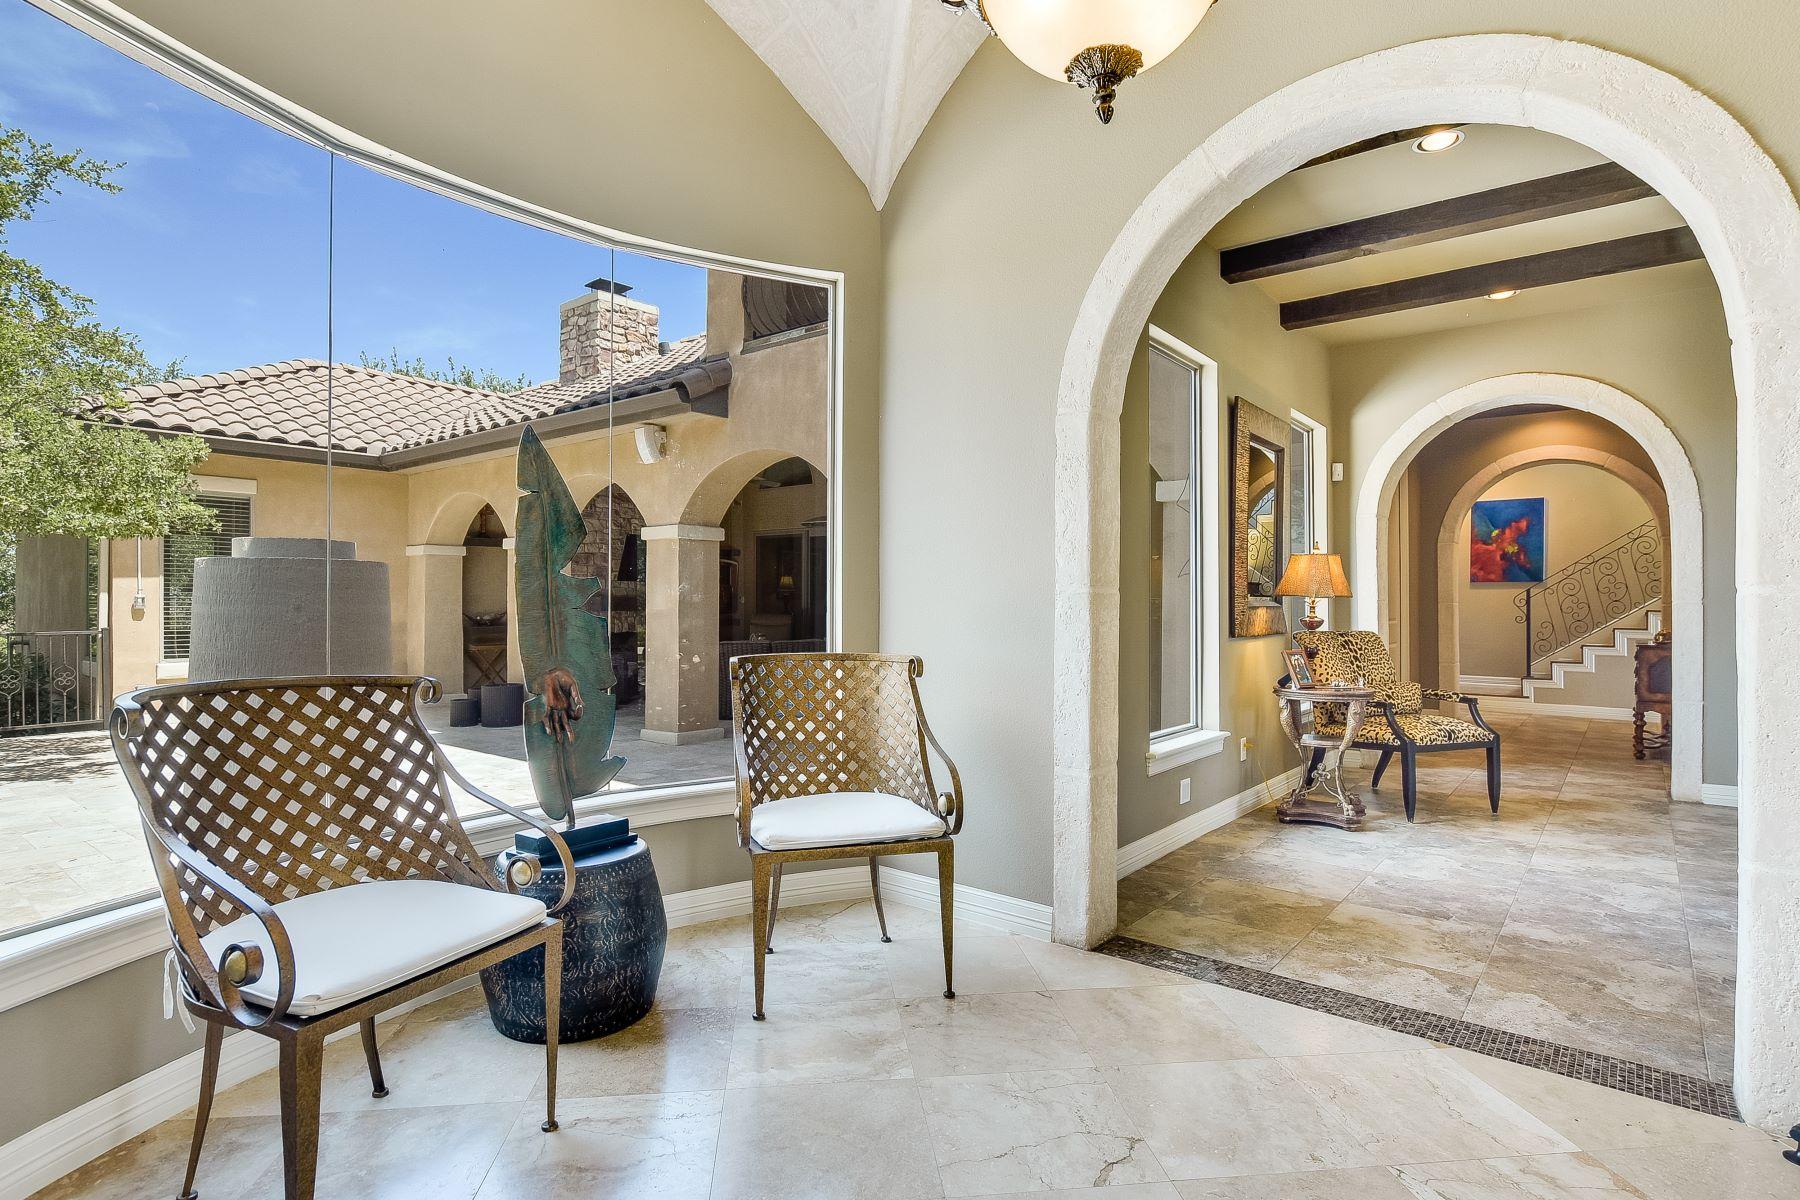 Частный односемейный дом для того Продажа на Breathtaking Masterpiece in Waterford Heights 126 Lismore, San Antonio, Техас, 78260 Соединенные Штаты